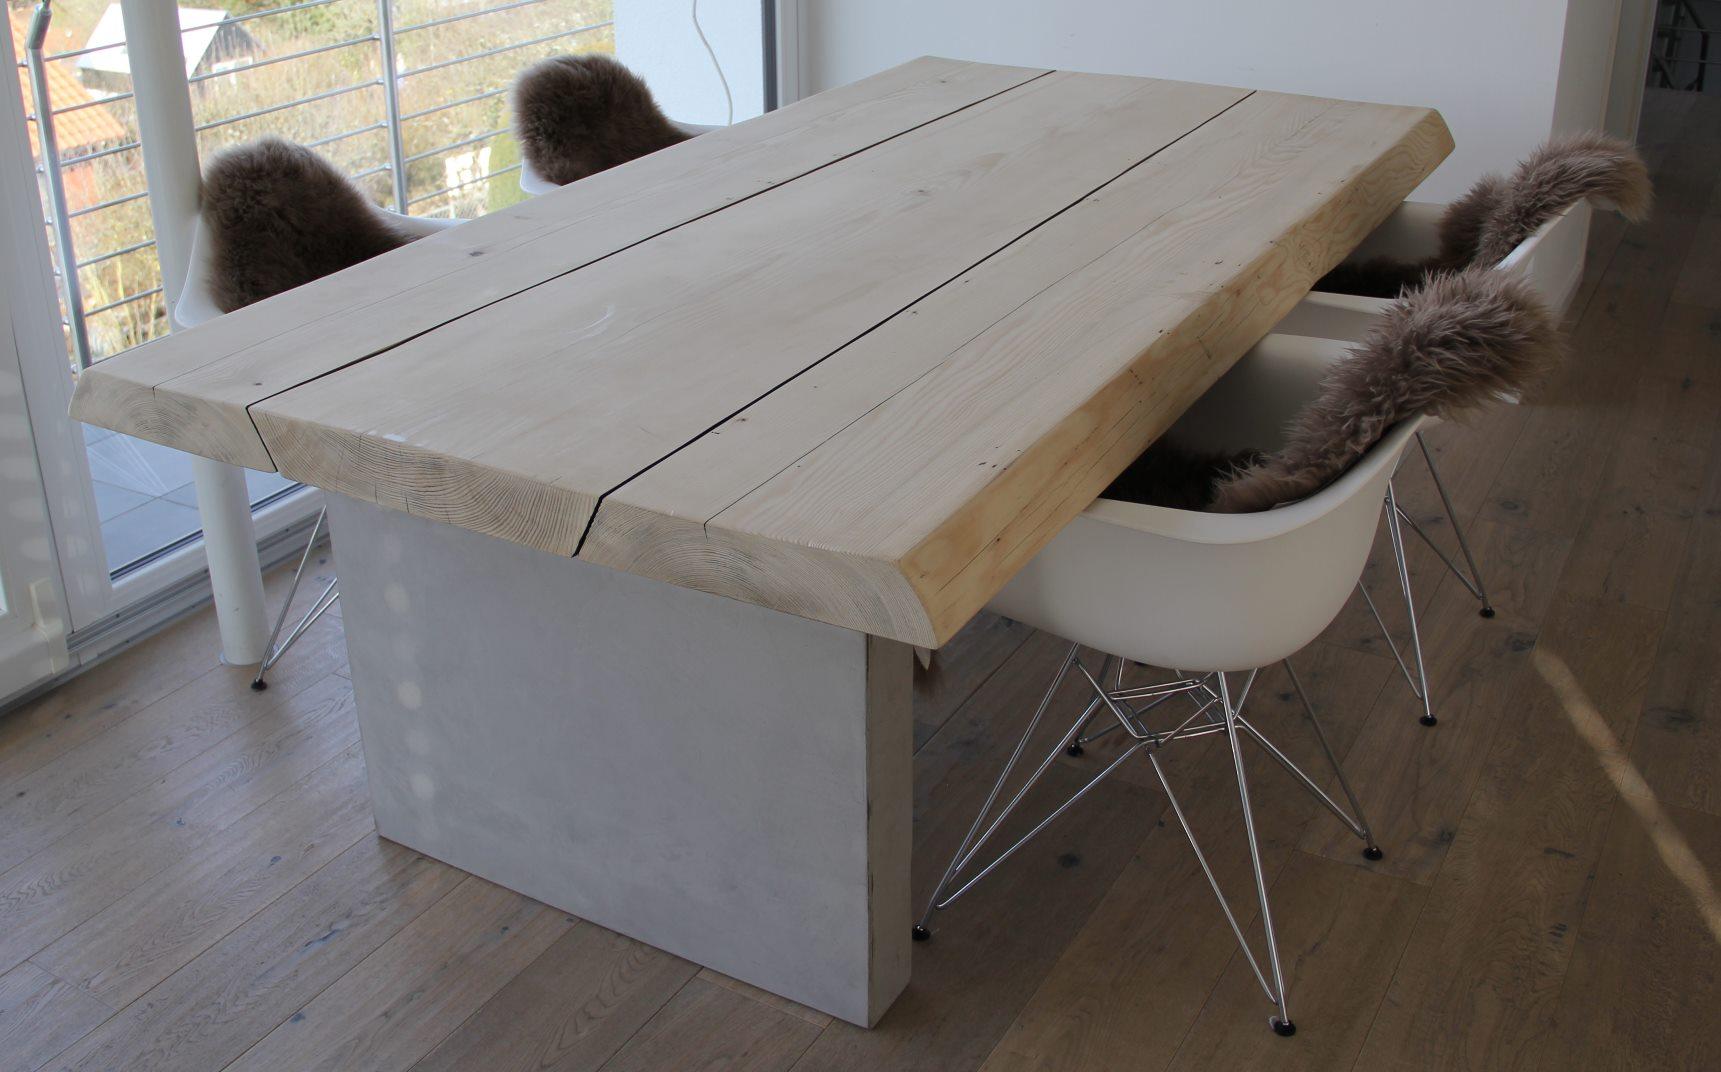 mainTisch-Beton-Tisch-Betontisch-massTisch-Schreibtisch-Esstisch-Kiefer Holz 3